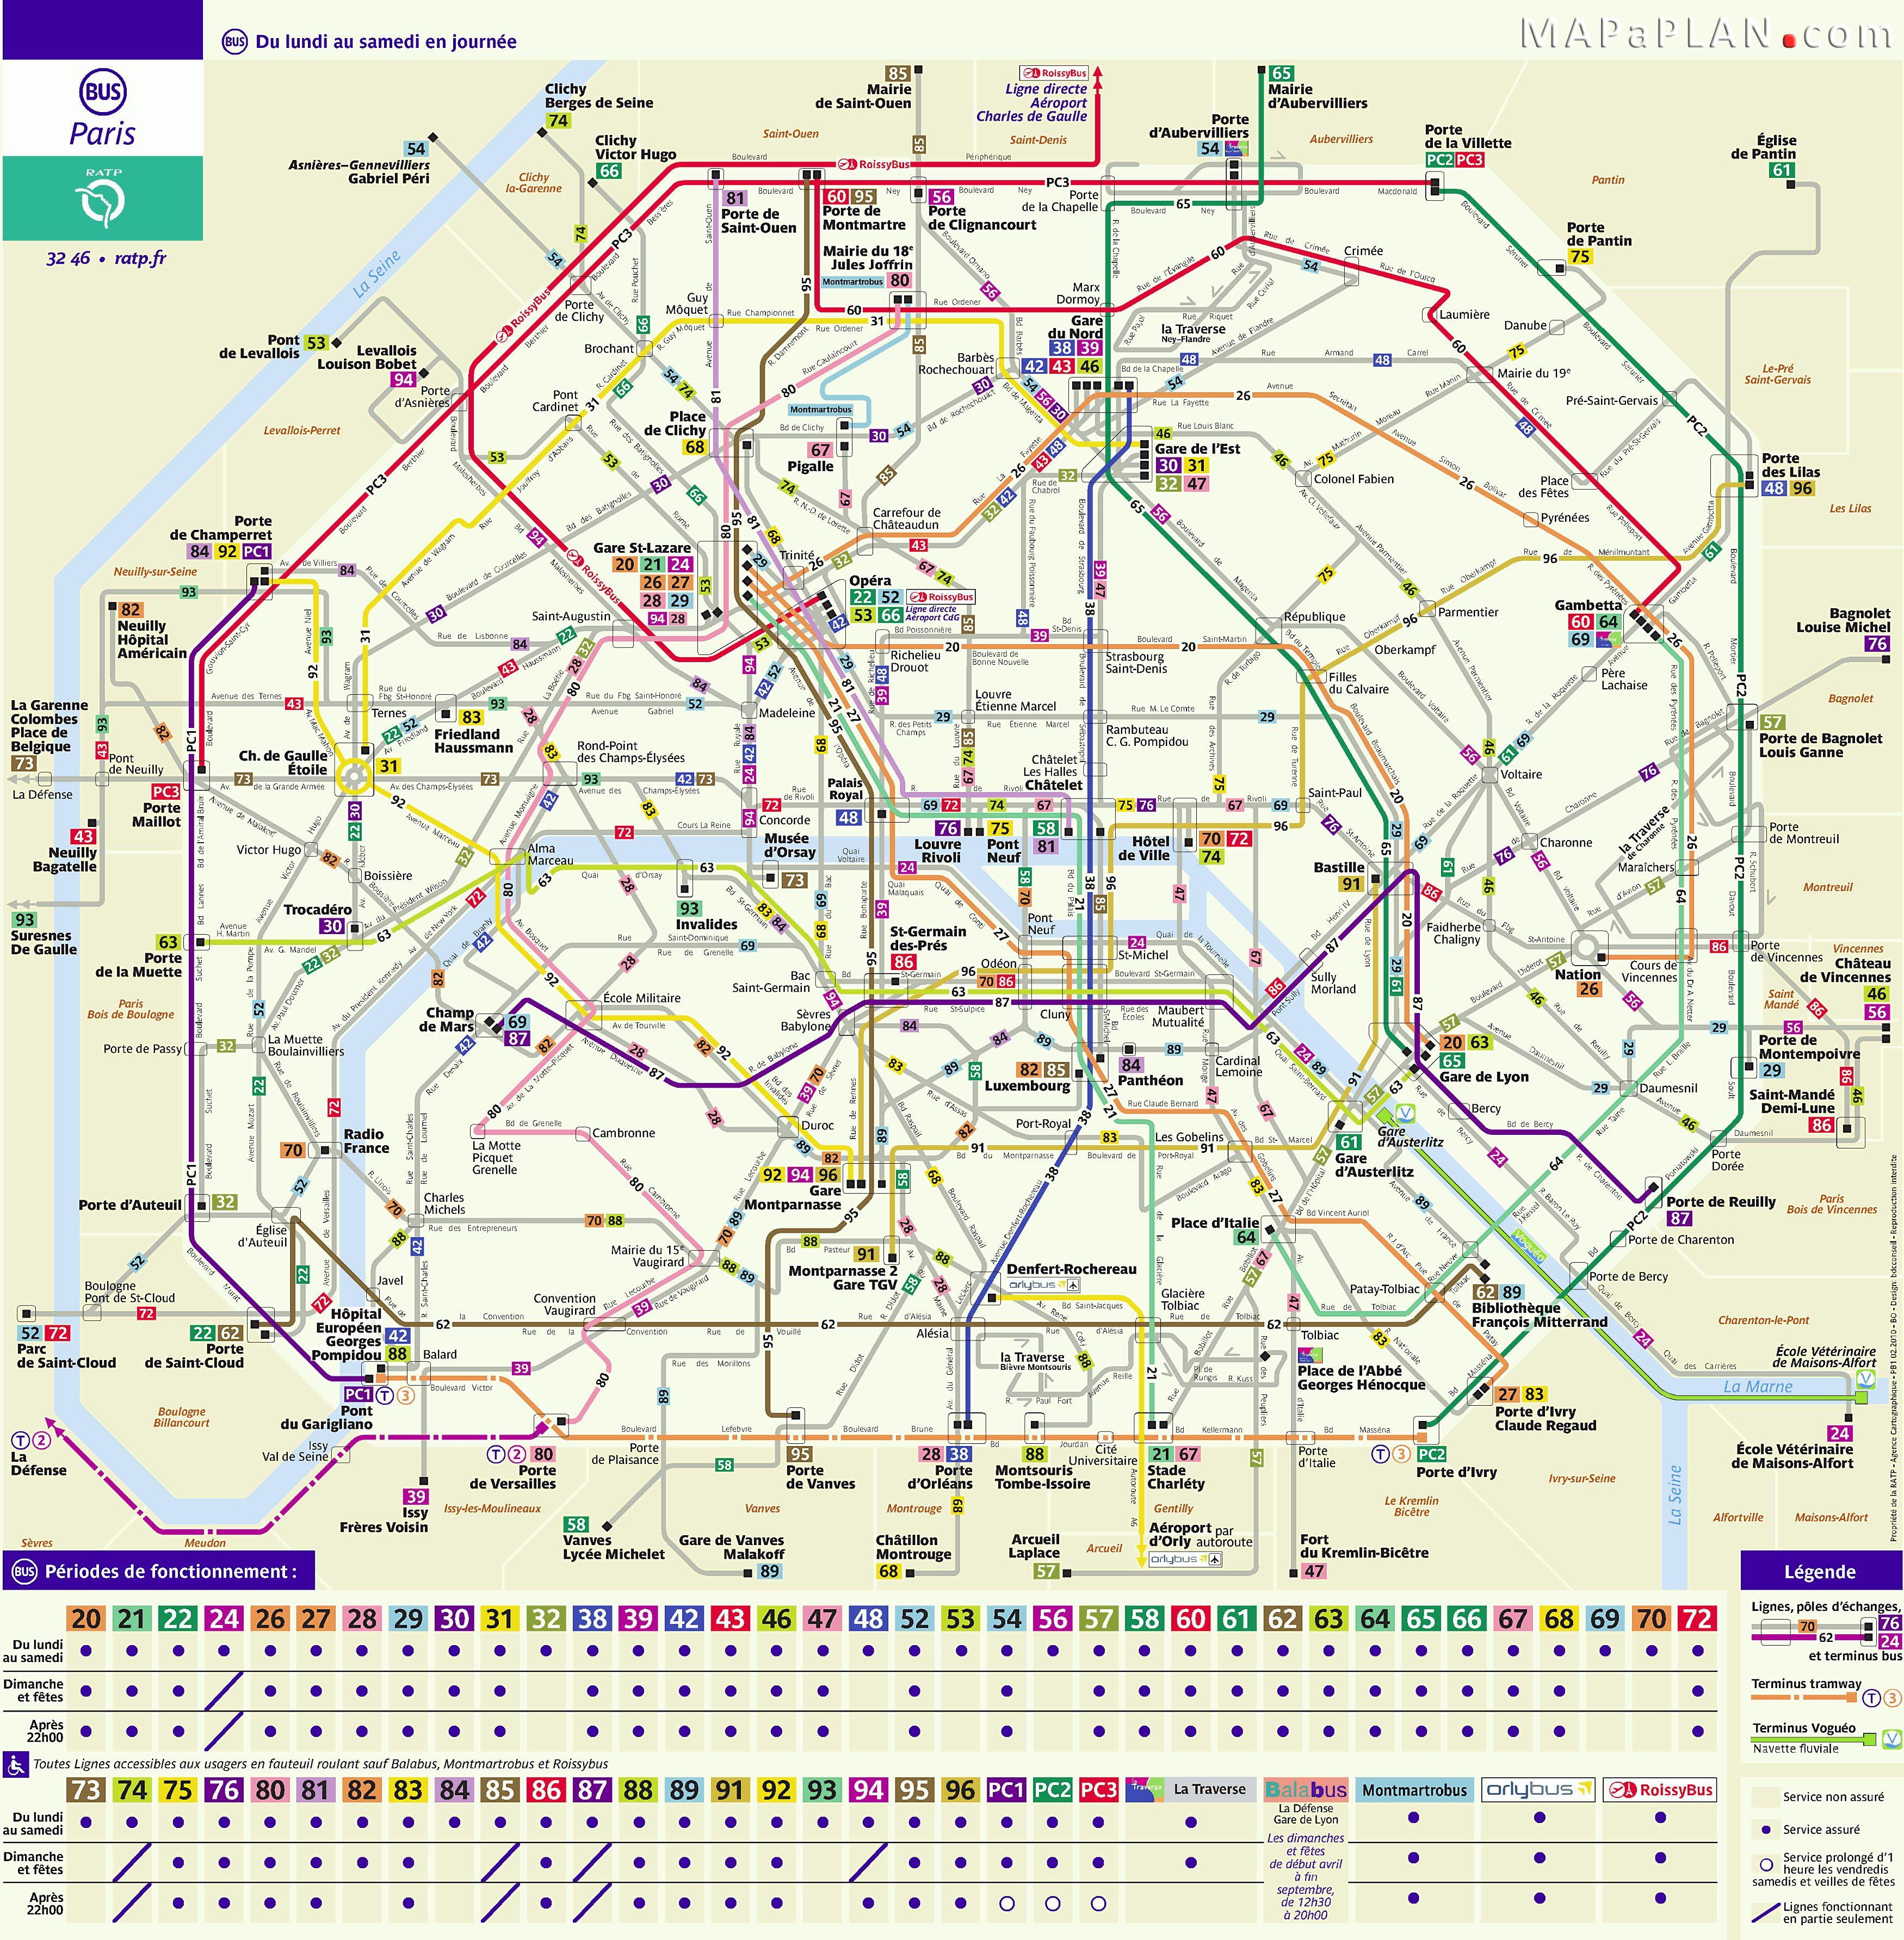 Paris top tourist attractions map Central bus routes map ... on route 91 map, route 15 map, route 8 map, route 9 map, route 33 map, route 80 map, route 20 map, freeway 22 map, route 5 map, route 44 map, route 11 map, route 1 map, route 27 map, route 6 map, route 23 map, route 12 map, n's castle map, route 18 map, route 2 map, route 17 map,